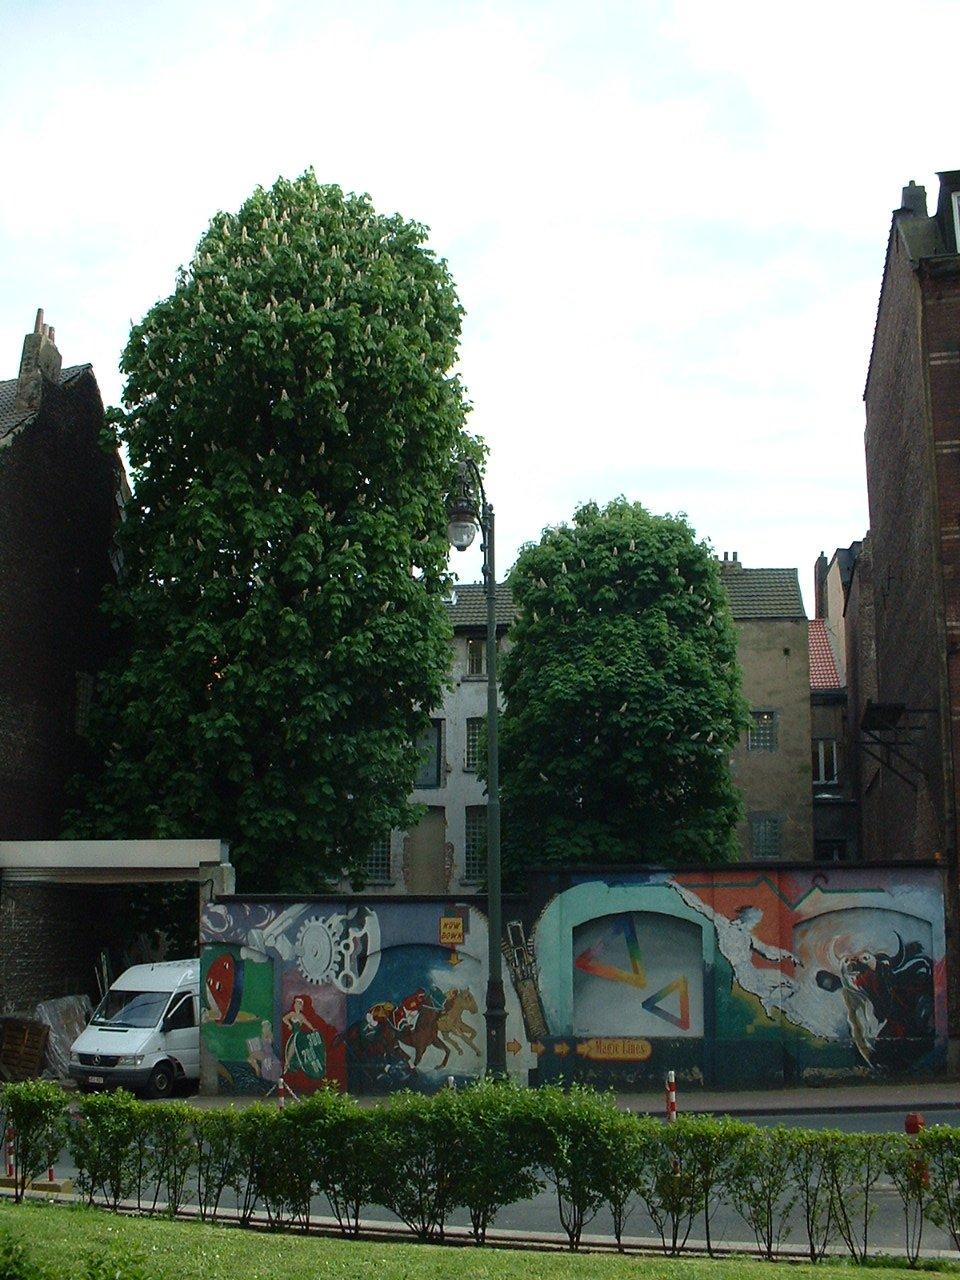 Marronnier commun – Saint-Josse-Ten-Noode, Rue Scailquin, 44 –  07 Mai 2002